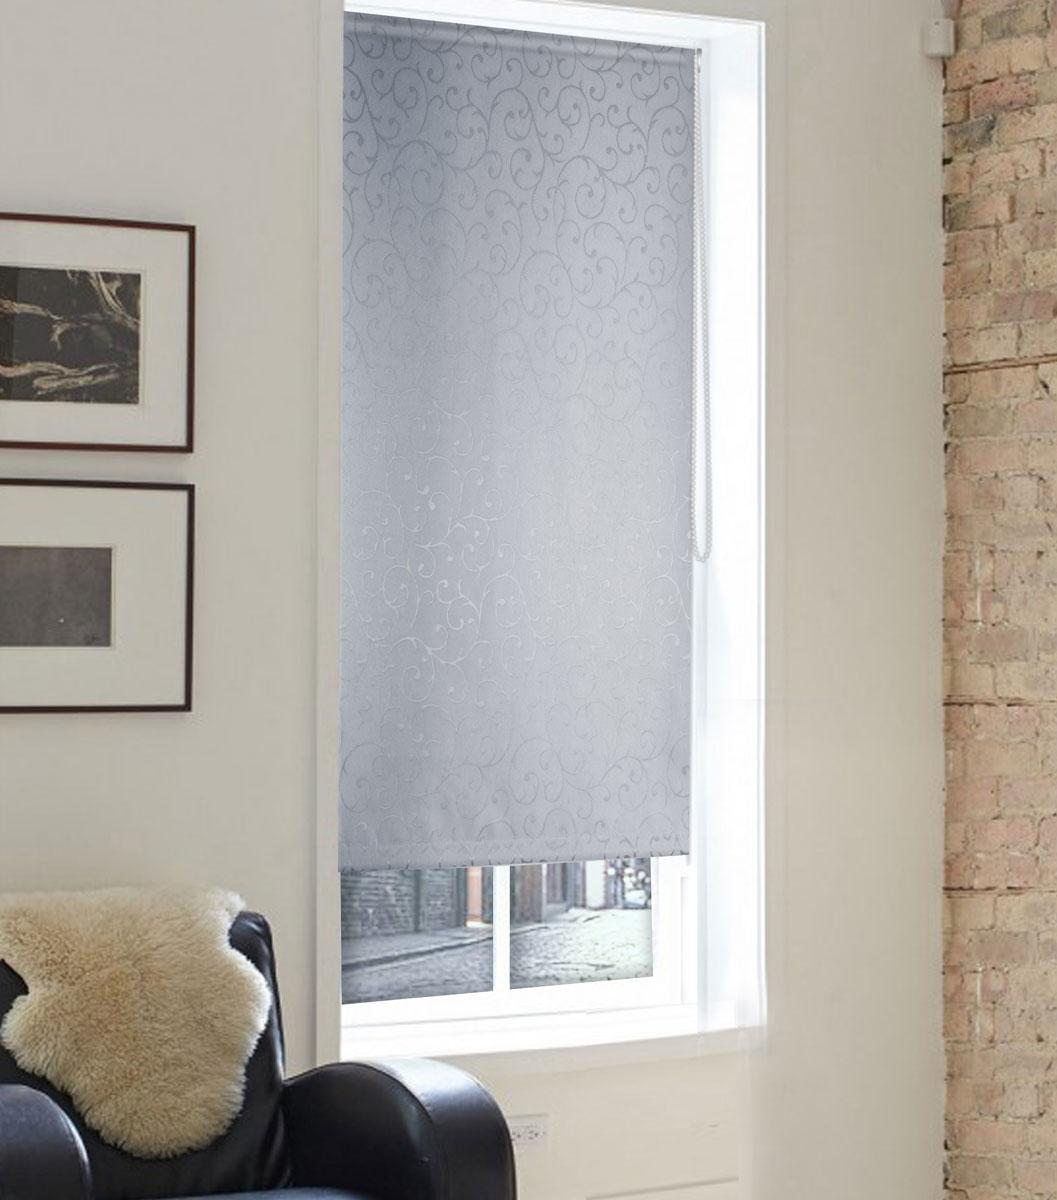 Штора рулонная Эскар Миниролло. Агат, фактурная, цвет: серый, ширина 68 см, высота 160 см1004900000360Рулонная штора Эскар Миниролло. Агат выполнена из высокопрочной ткани, которая сохраняет свой размер даже при намокании. Ткань не выцветает и обладает отличной цветоустойчивостью.Миниролло - это подвид рулонных штор, который закрывает не весь оконный проем, а непосредственно само стекло. Такие шторы крепятся на раму без сверления при помощи зажимов или клейкой двухсторонней ленты. Окно остается на гарантии, благодаря монтажу без сверления. Такая штора станет прекрасным элементом декора окна и гармонично впишется в интерьер любого помещения.